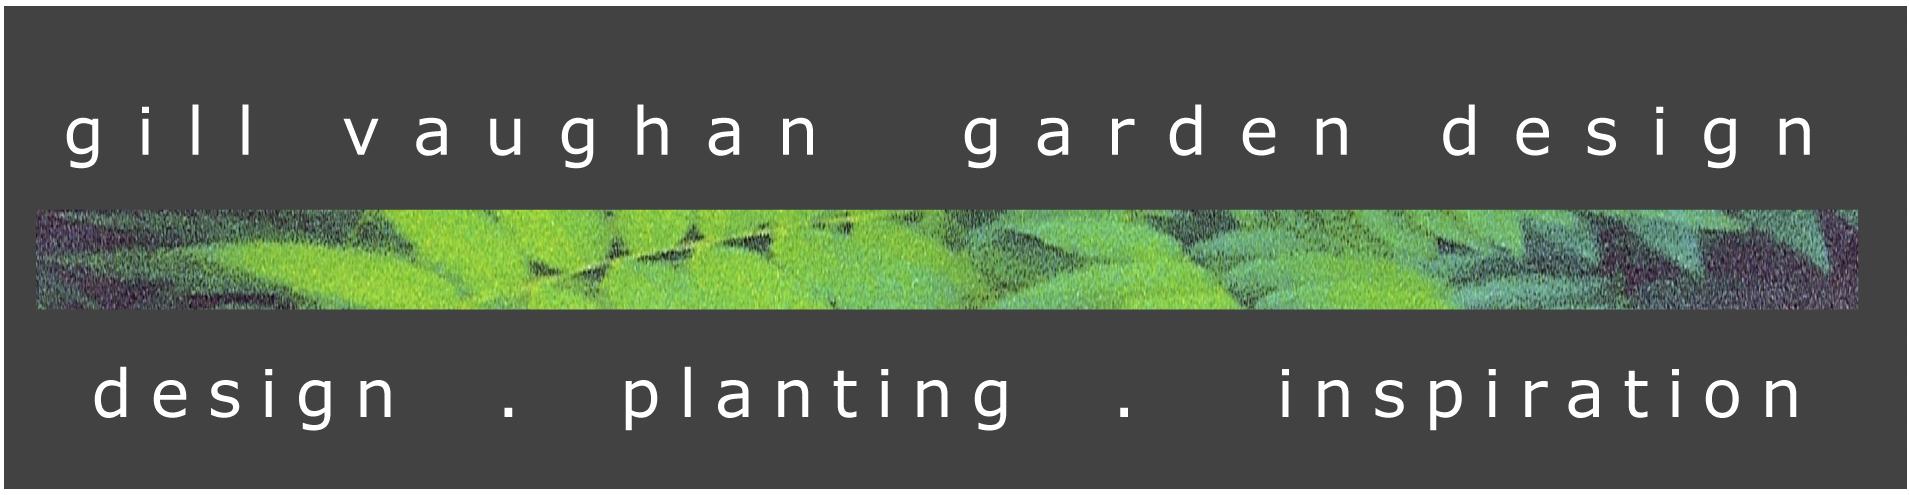 g i ll vaughan garden design logo greypng